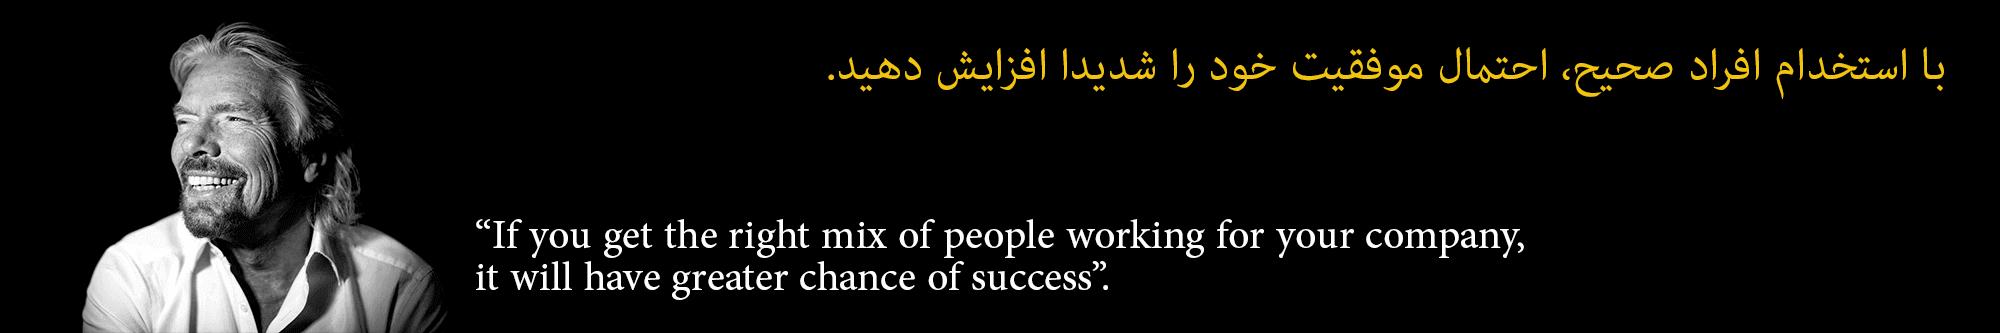 چگونه استخدام کنیم-Richard Branson